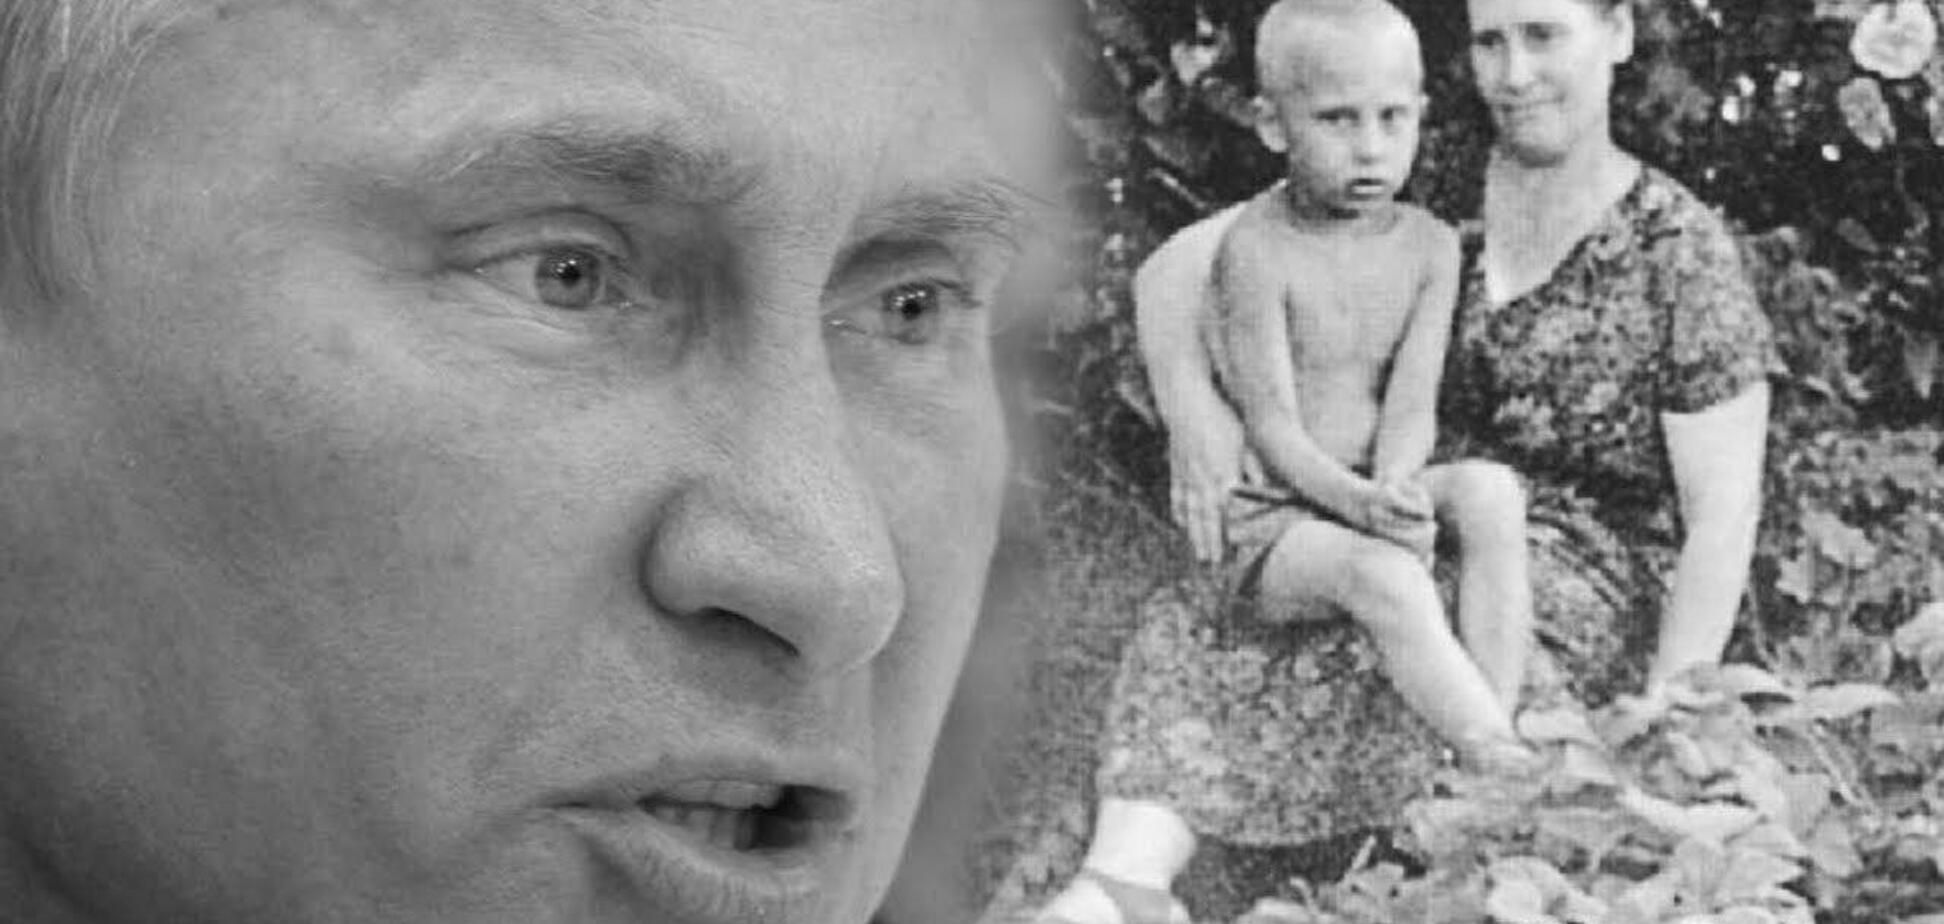 Батько бив палицею та хотів позбутися: з'ясувалися моторошні факти про дитинство Путіна